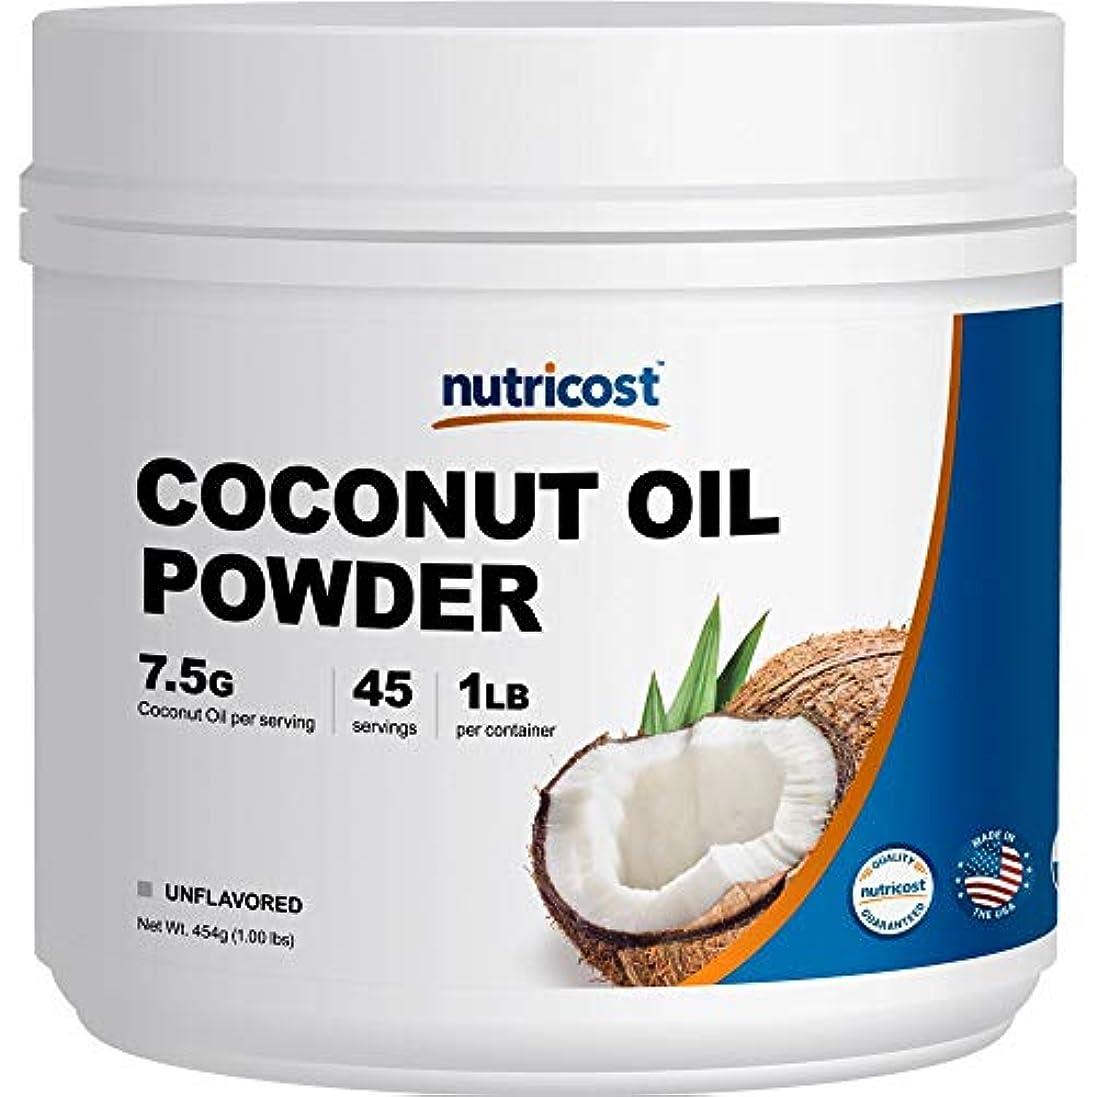 命令的宣伝依存Nutricost ココナッツオイルパウダー 1LB、45食分、非GMO、グルテンフリー